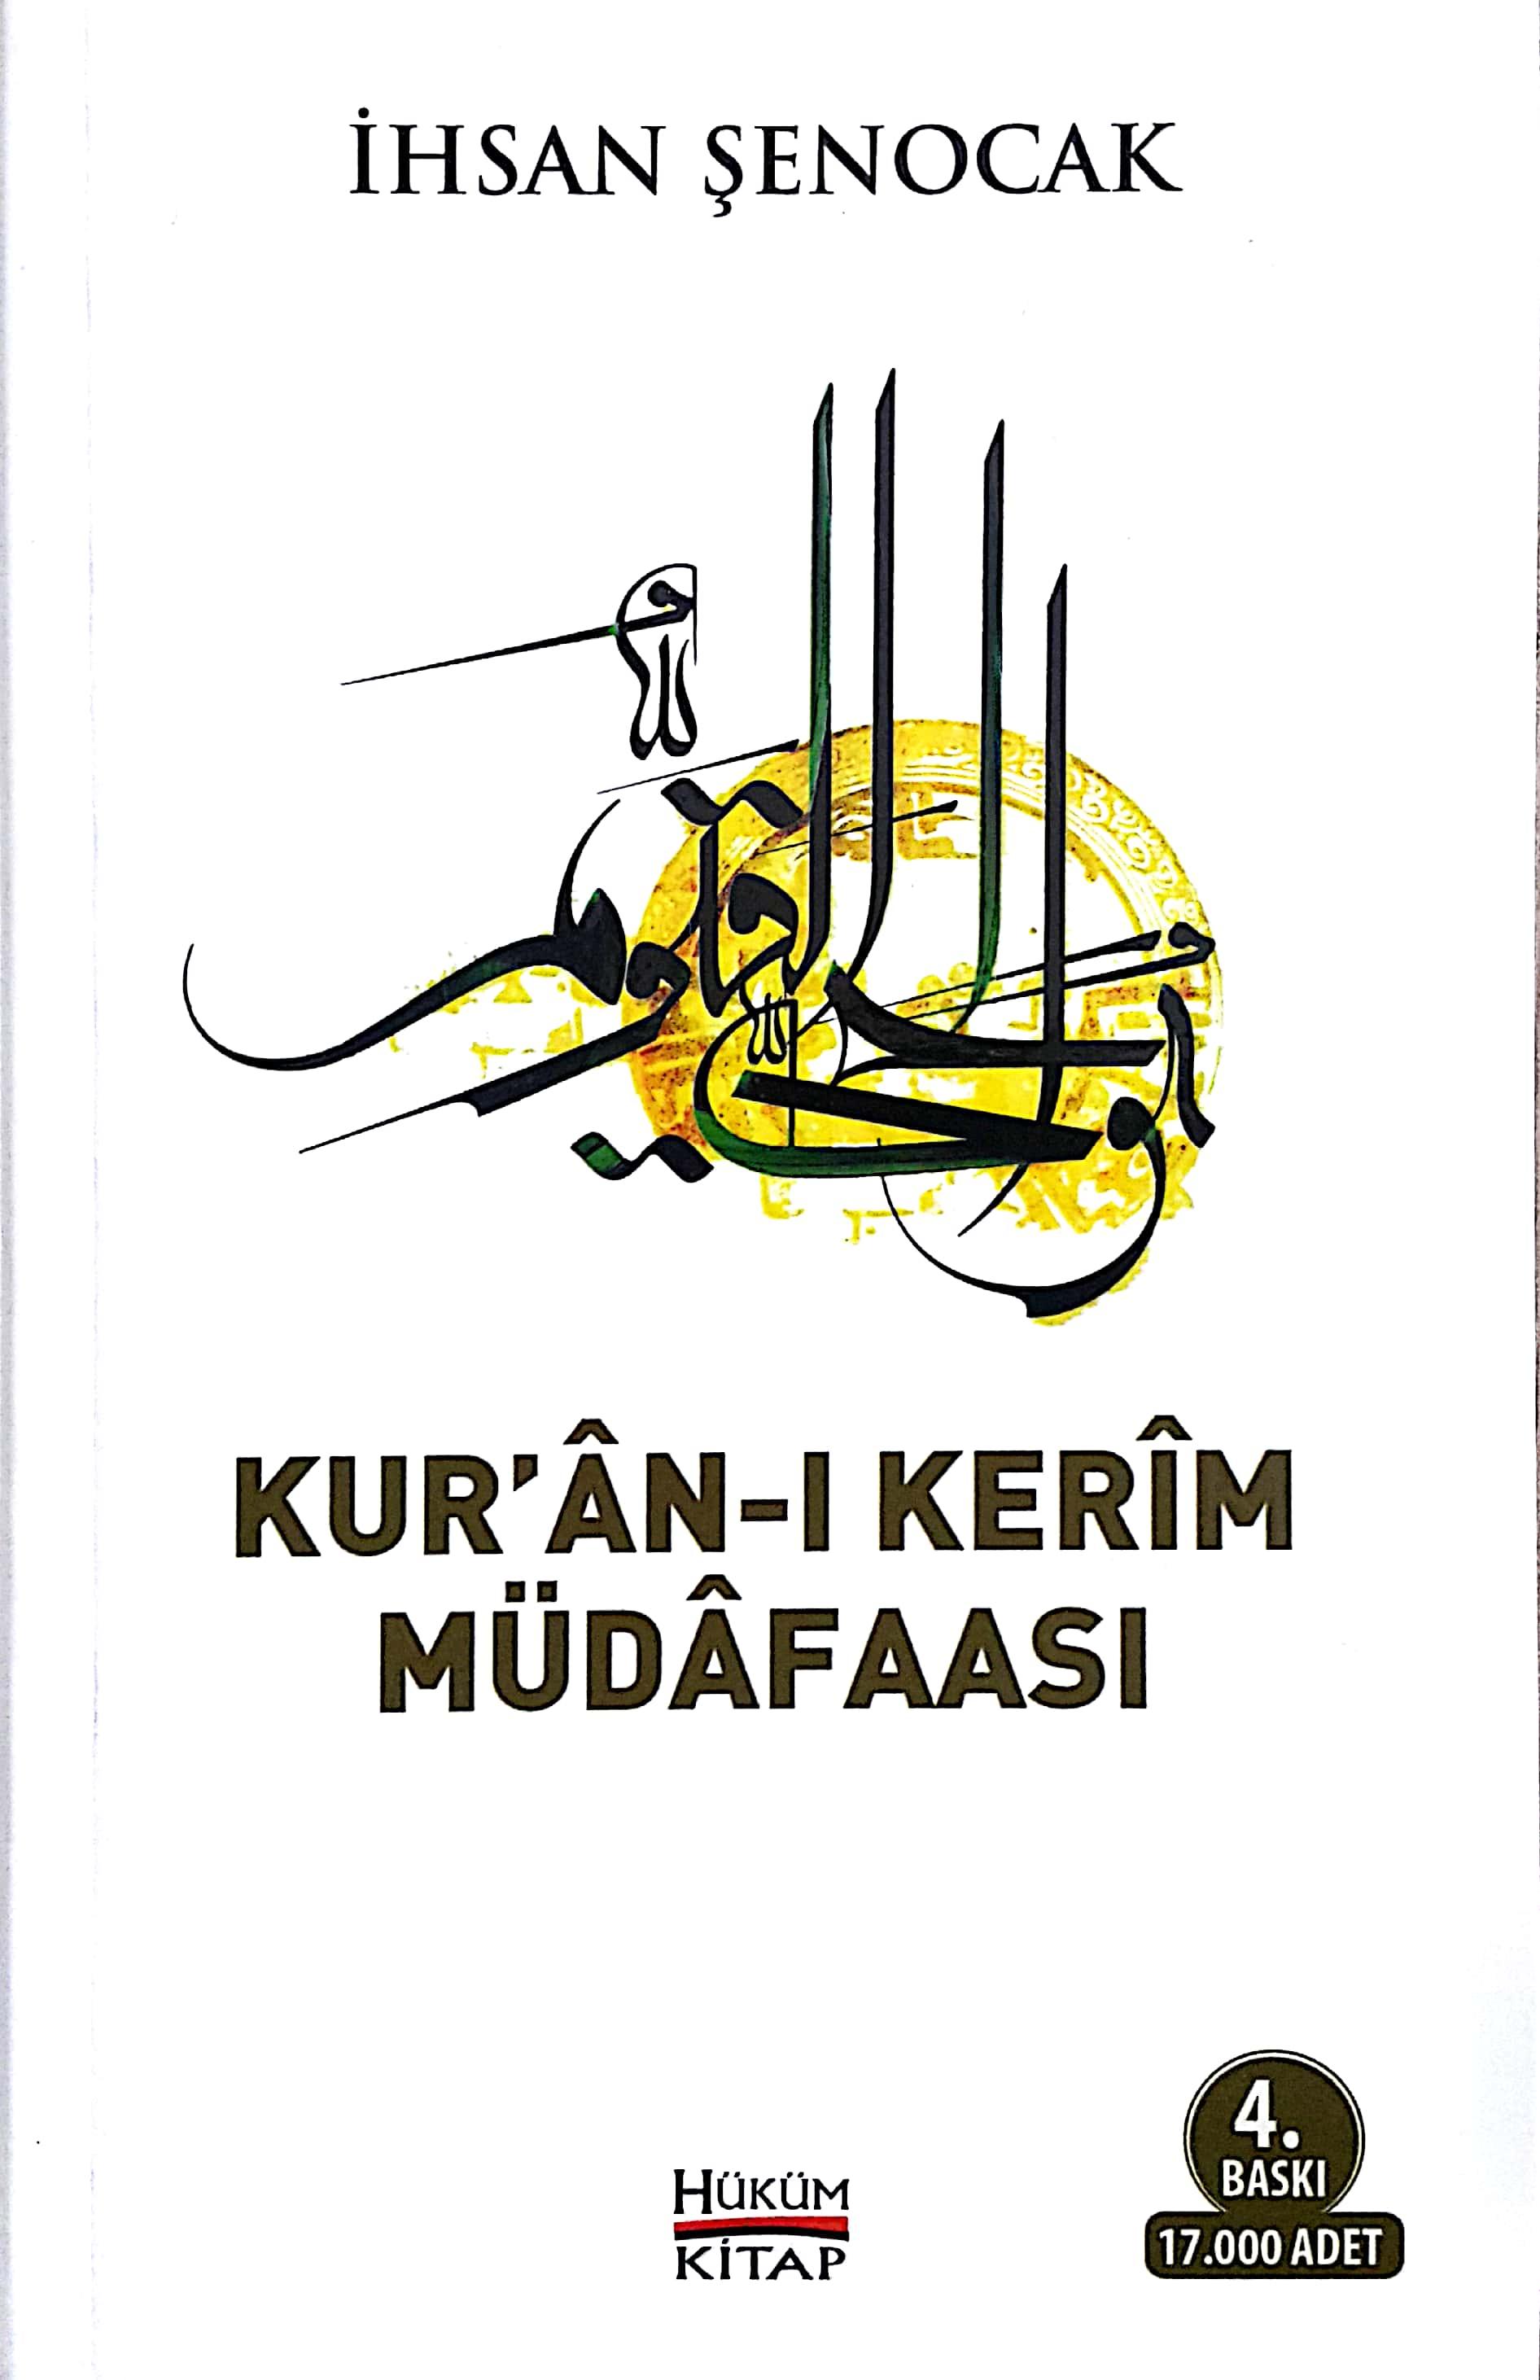 Kur'an-ı Kerim Müdafaası; Katolisizmi Olmayan İslam'ın Protestanca Okunuşlarına Karşı